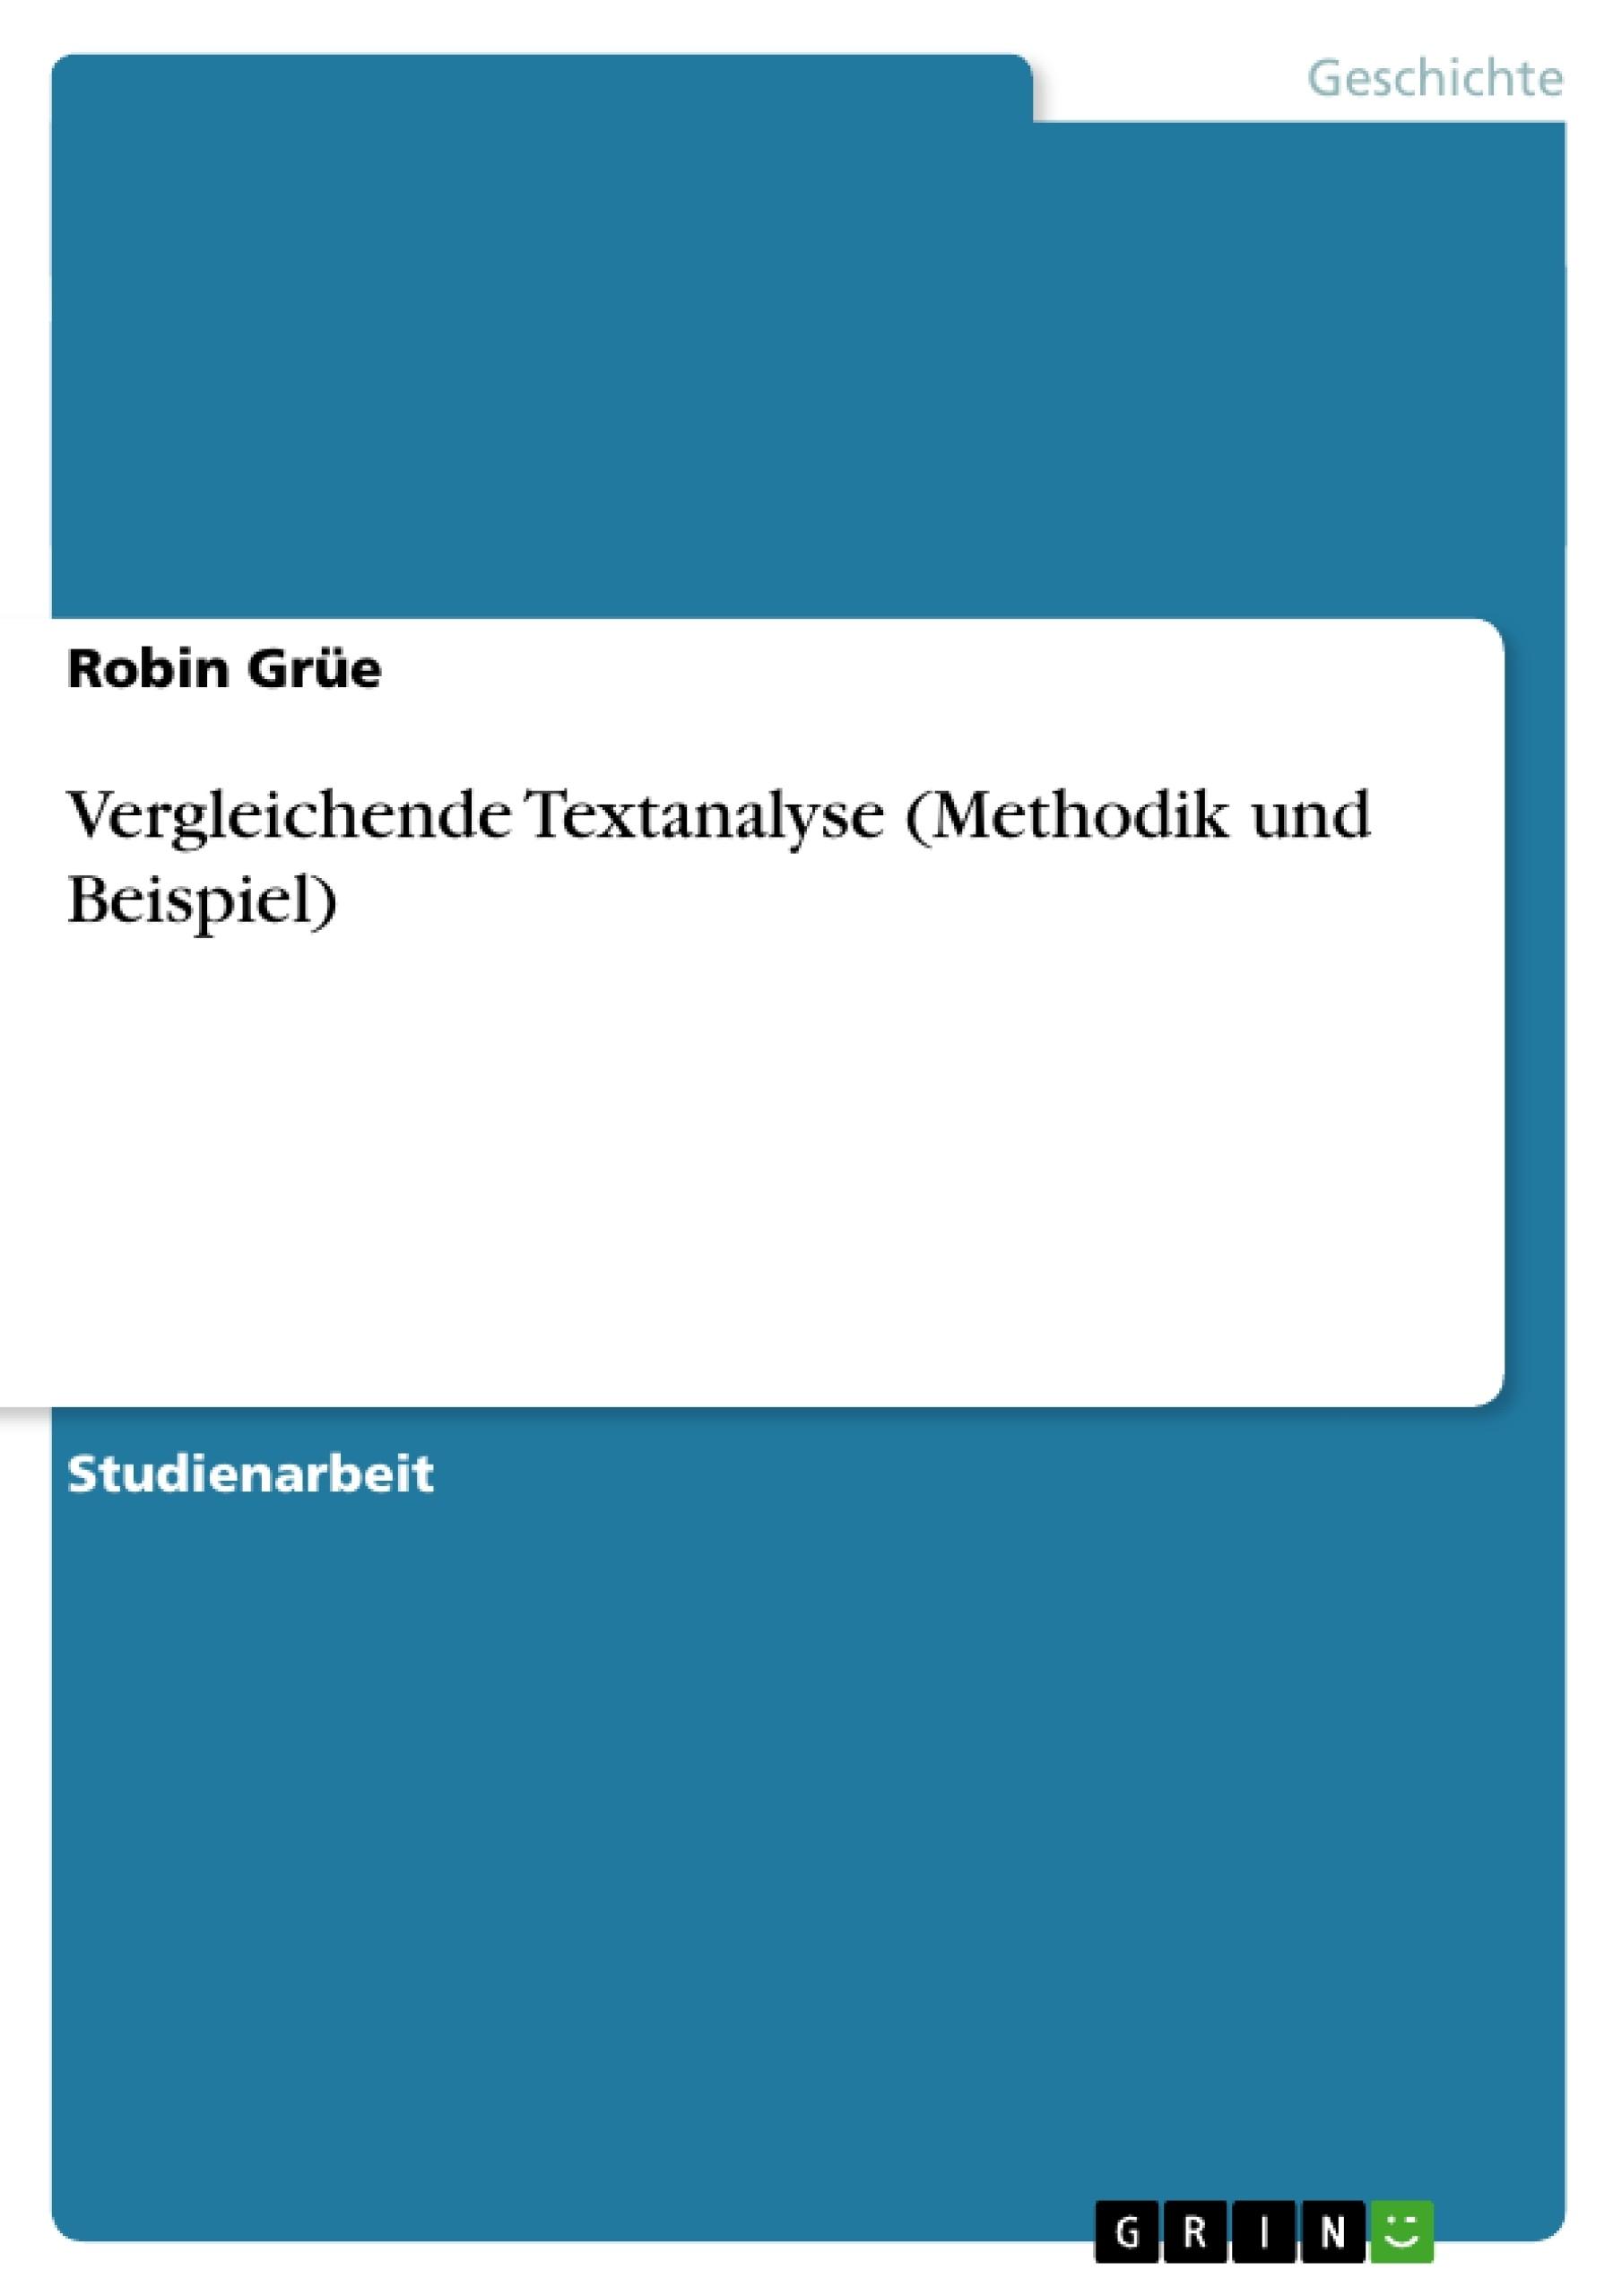 Titel: Vergleichende Textanalyse (Methodik und Beispiel)